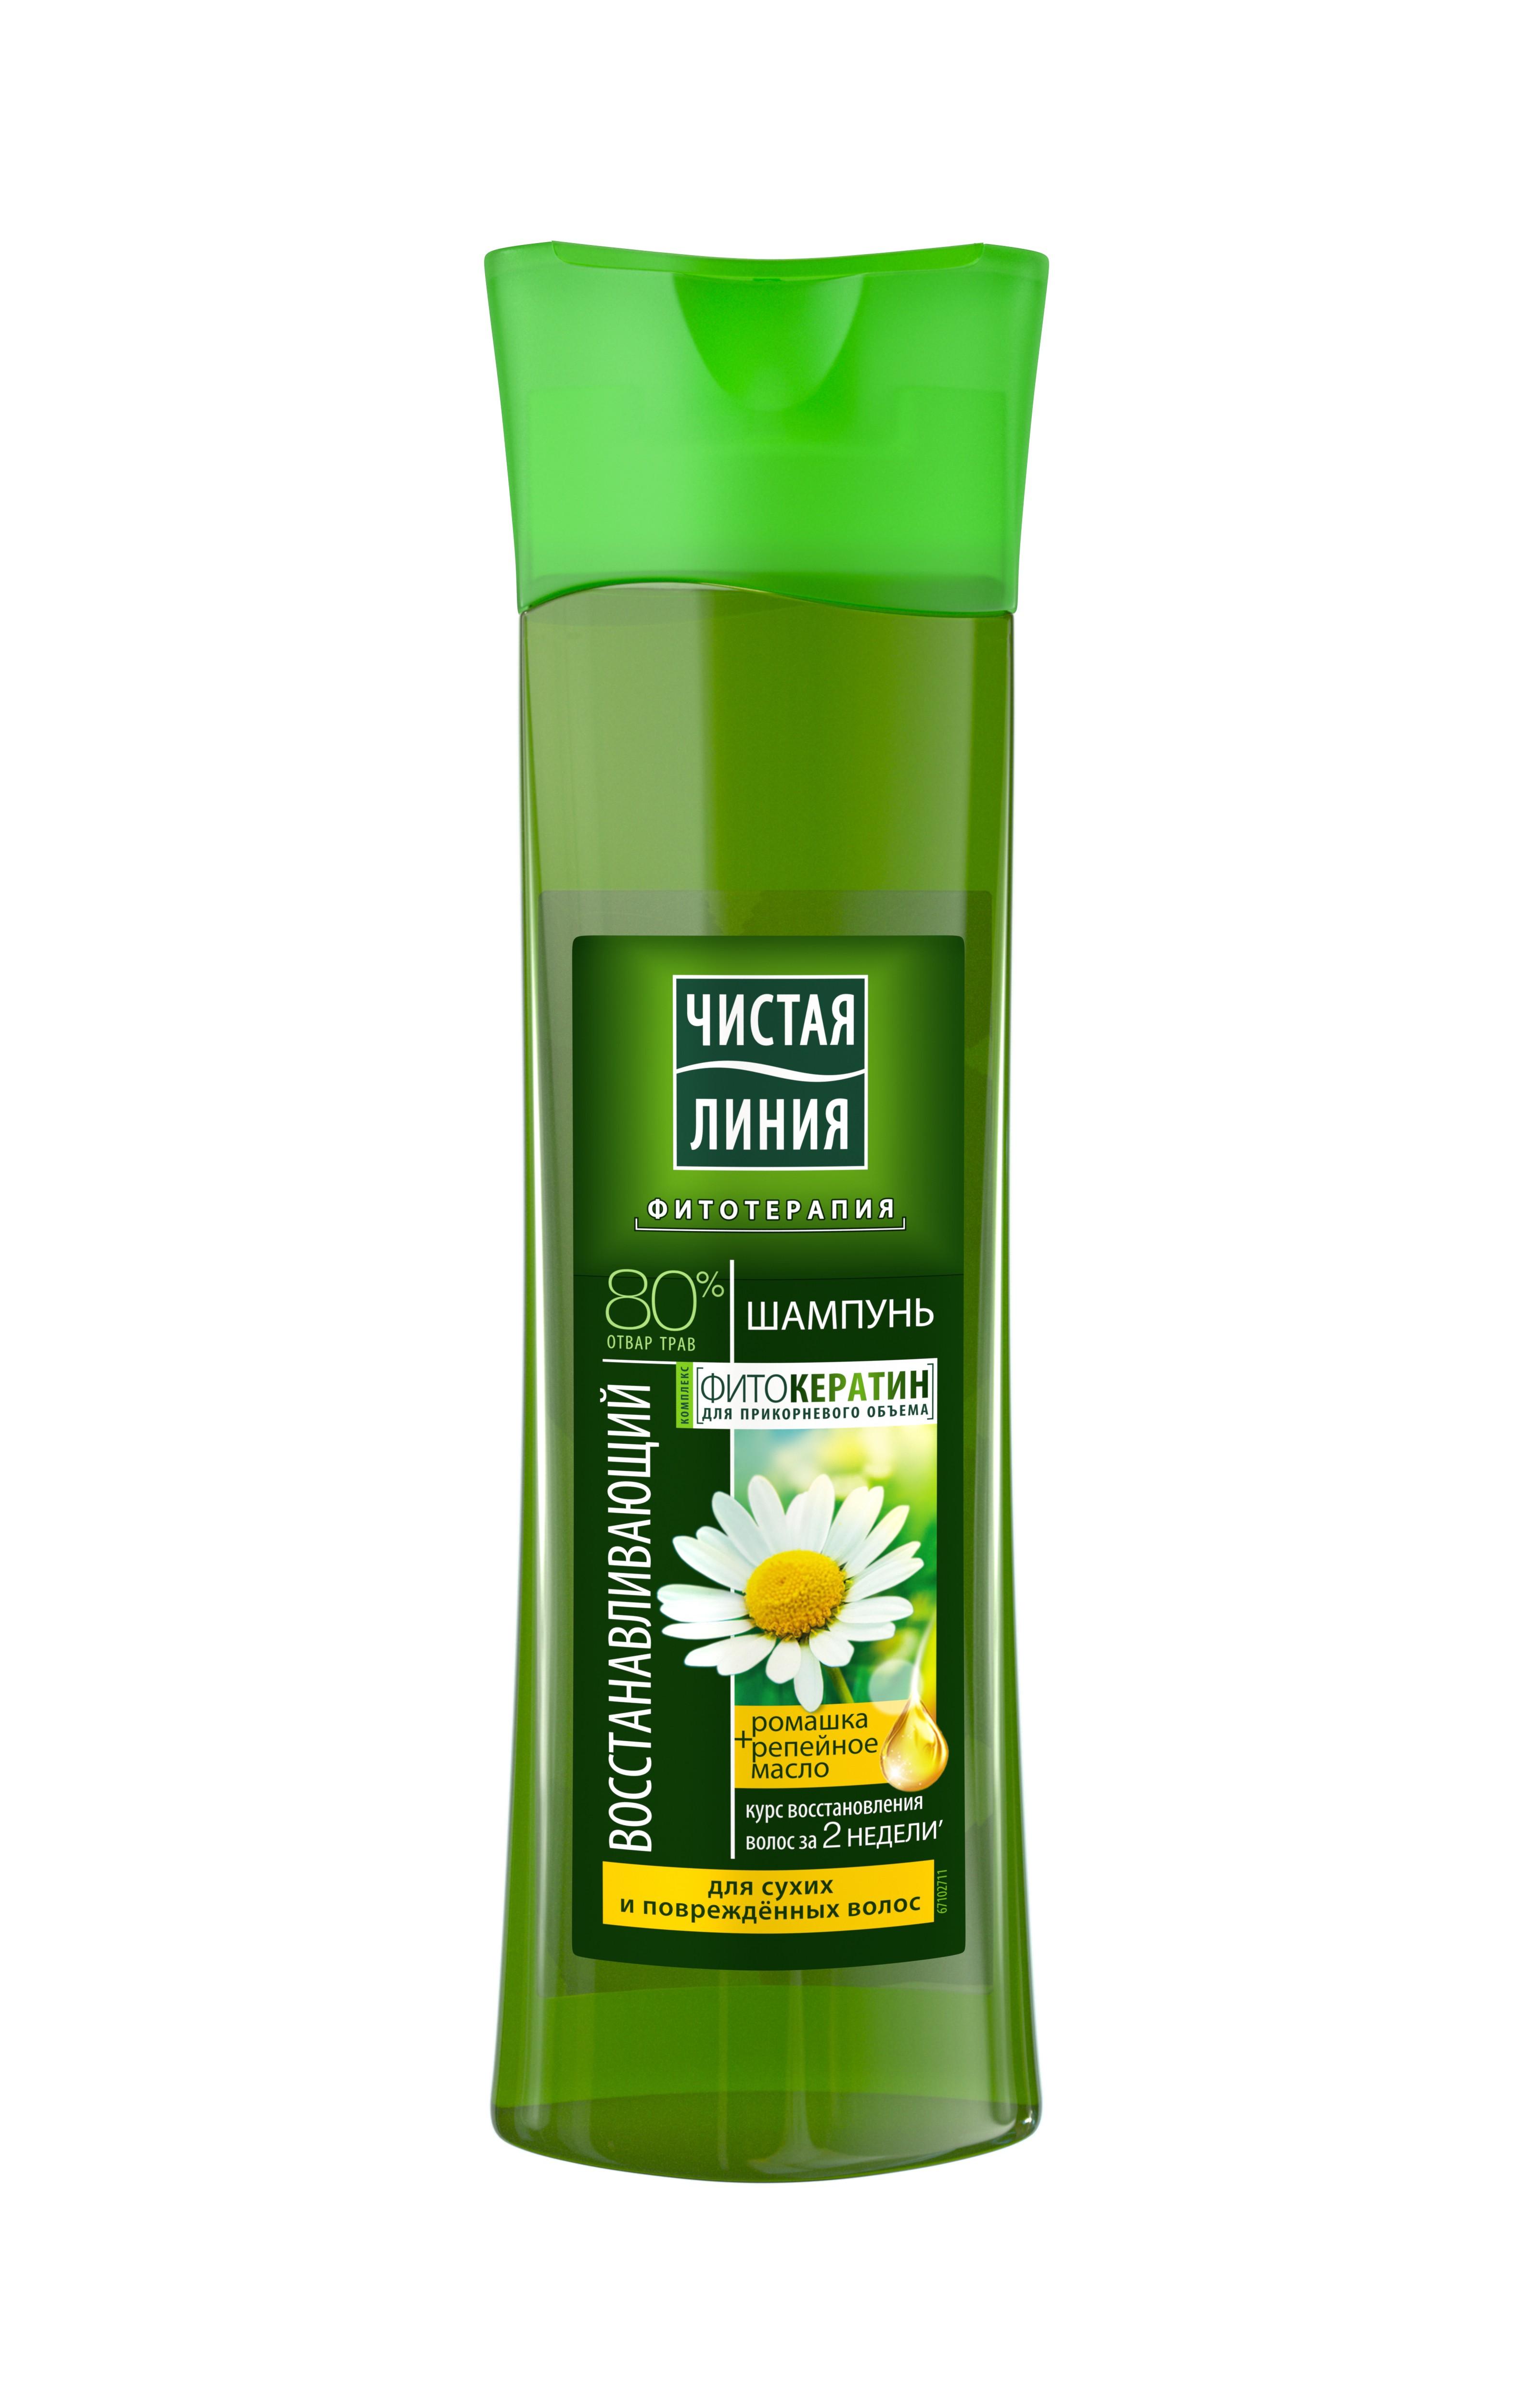 Чистая Линия Шампунь для сухих и поврежденных волос На отваре целебных трав с экстрактом ромашки Восстанавливающий 400 мл